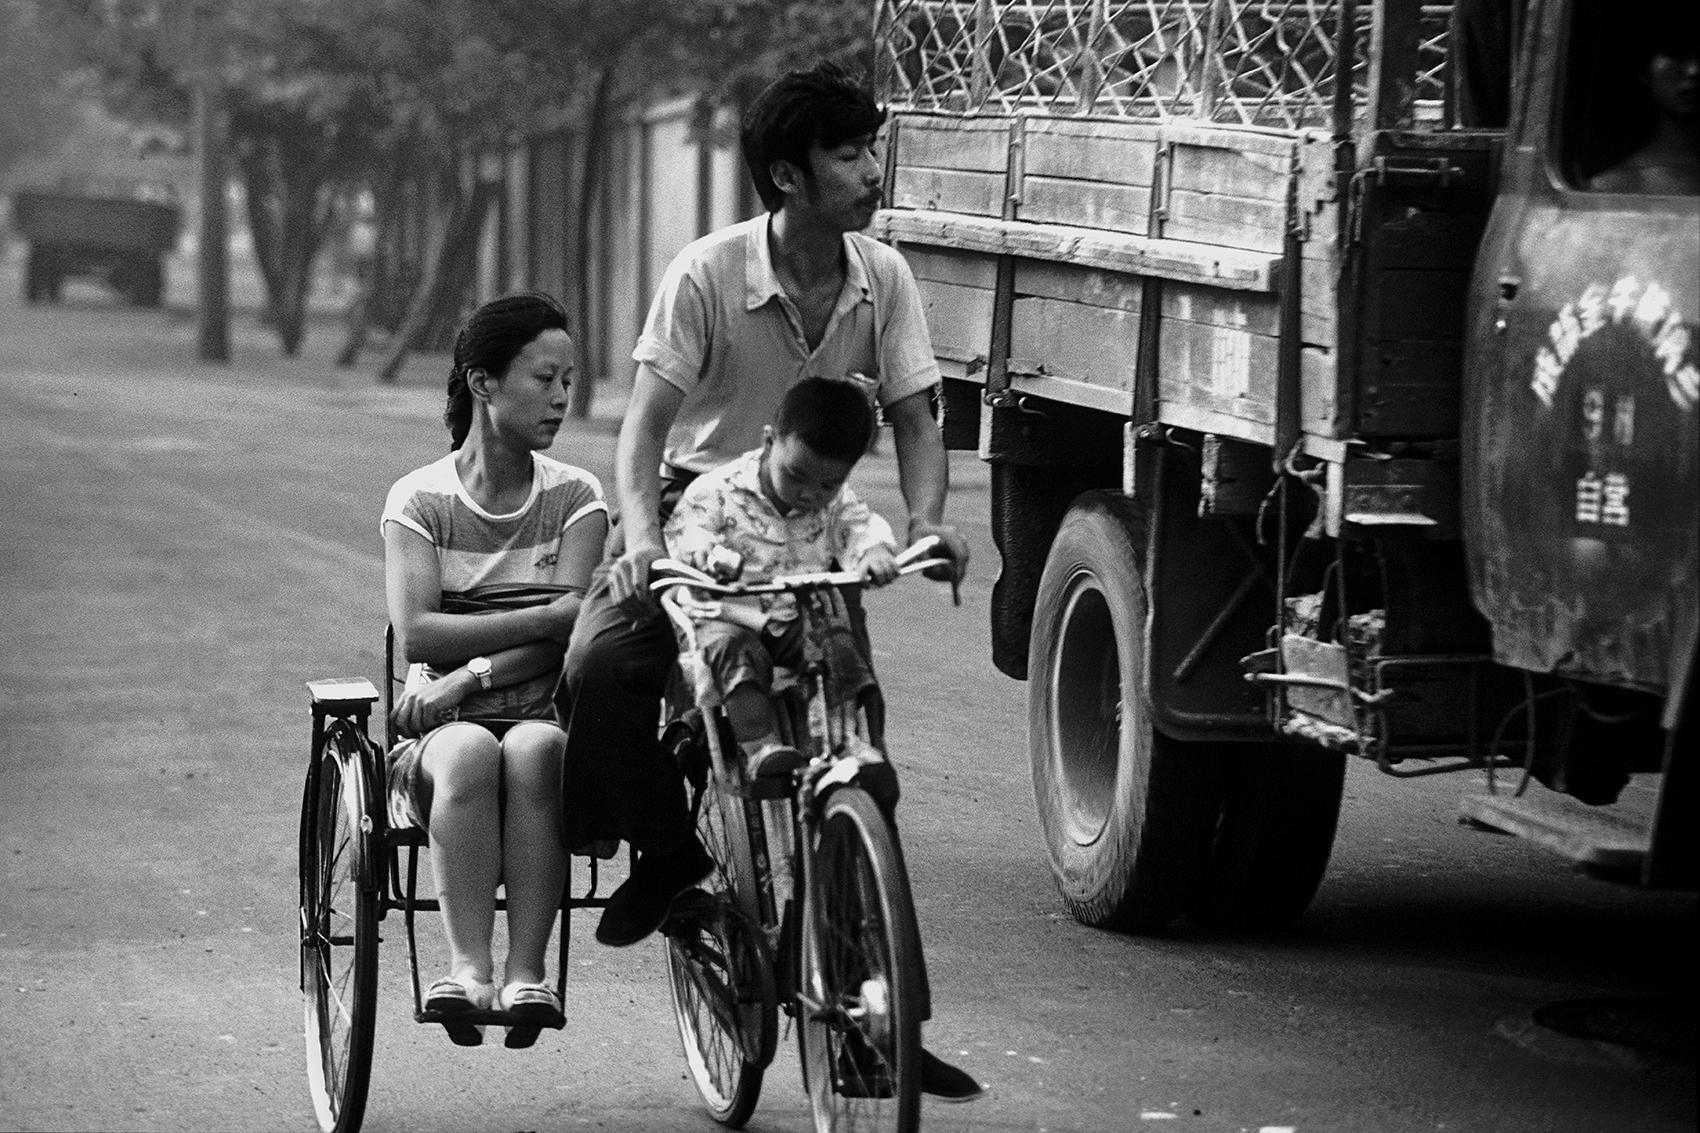 famiglia in bicicletta Chengdu, Sichuan, Cina